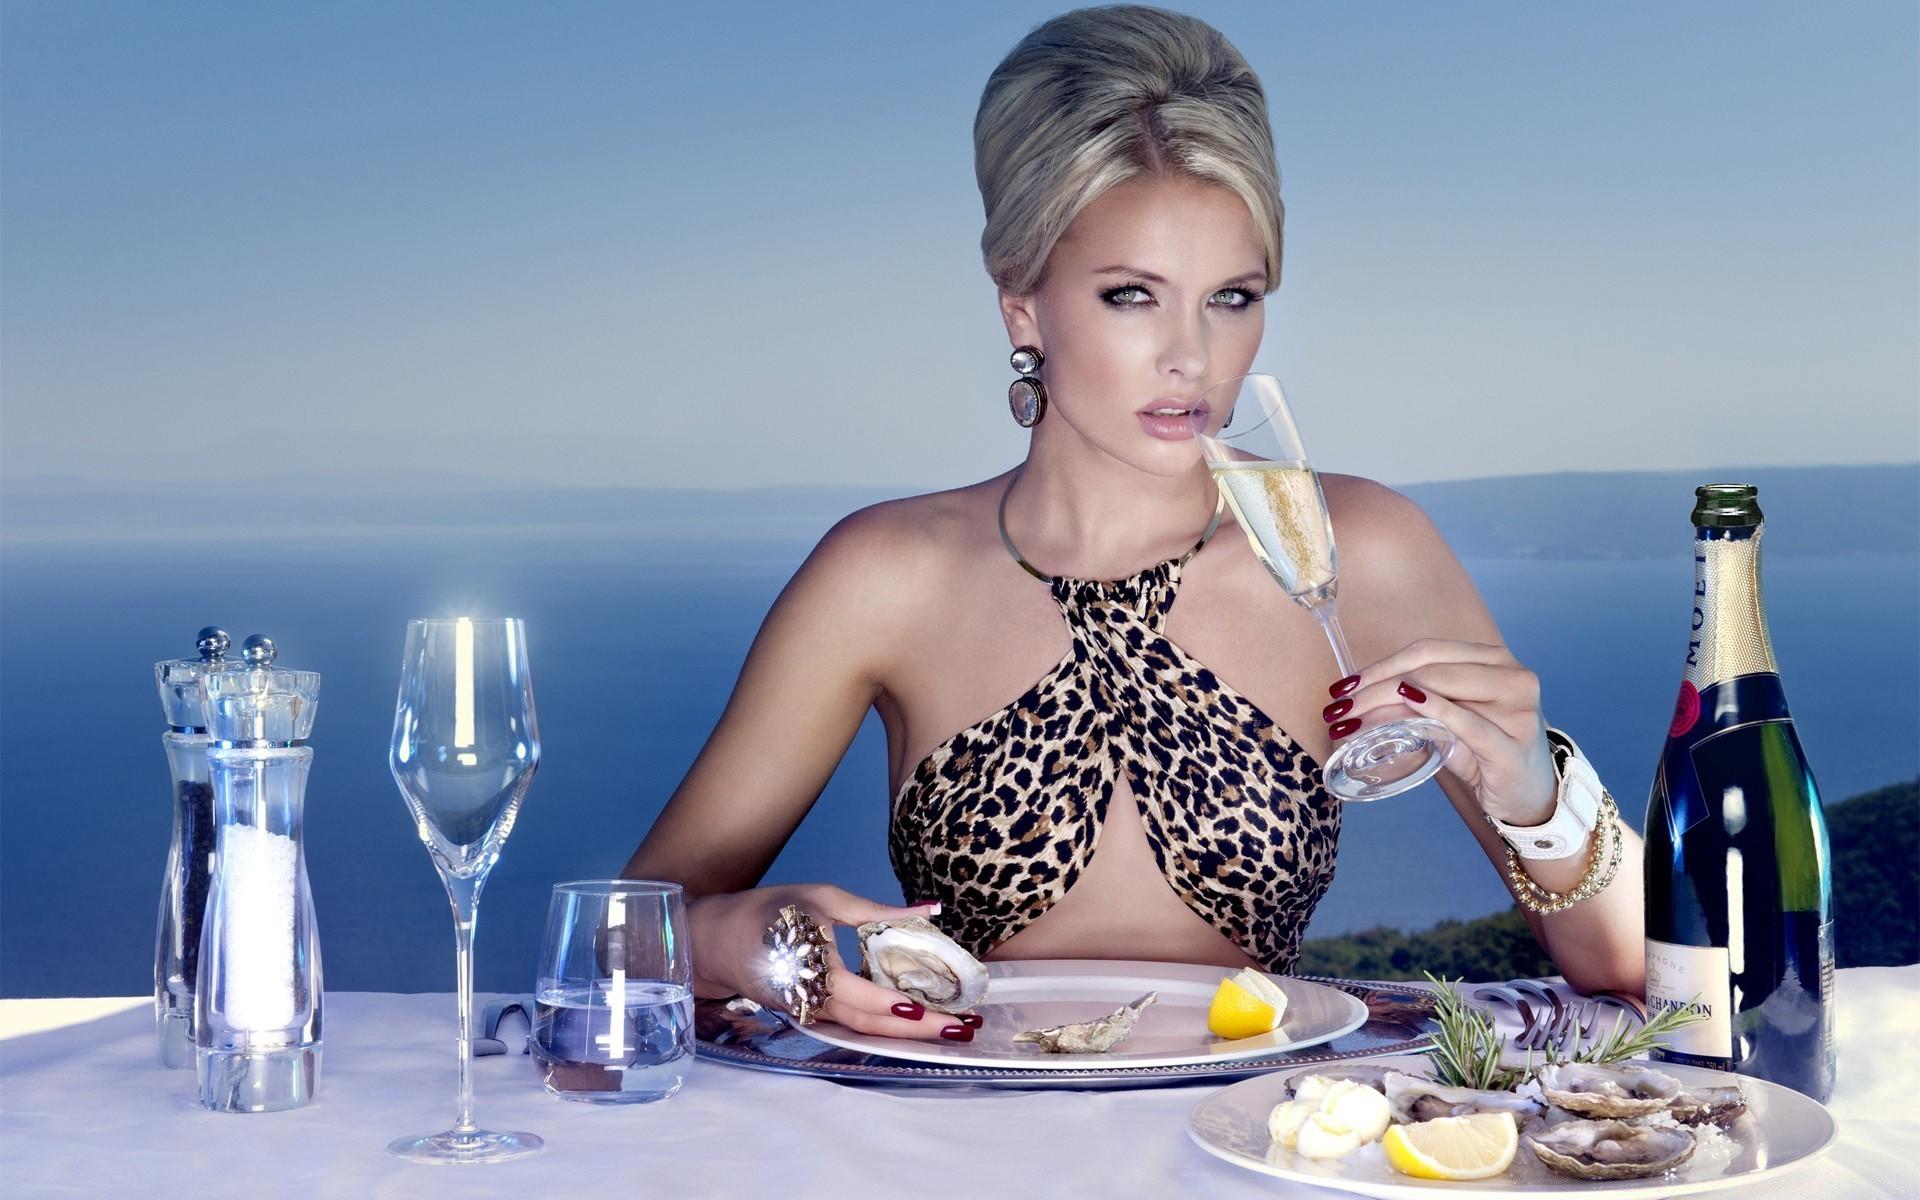 Аппетитные женщины на любой вкус и цвет  562100